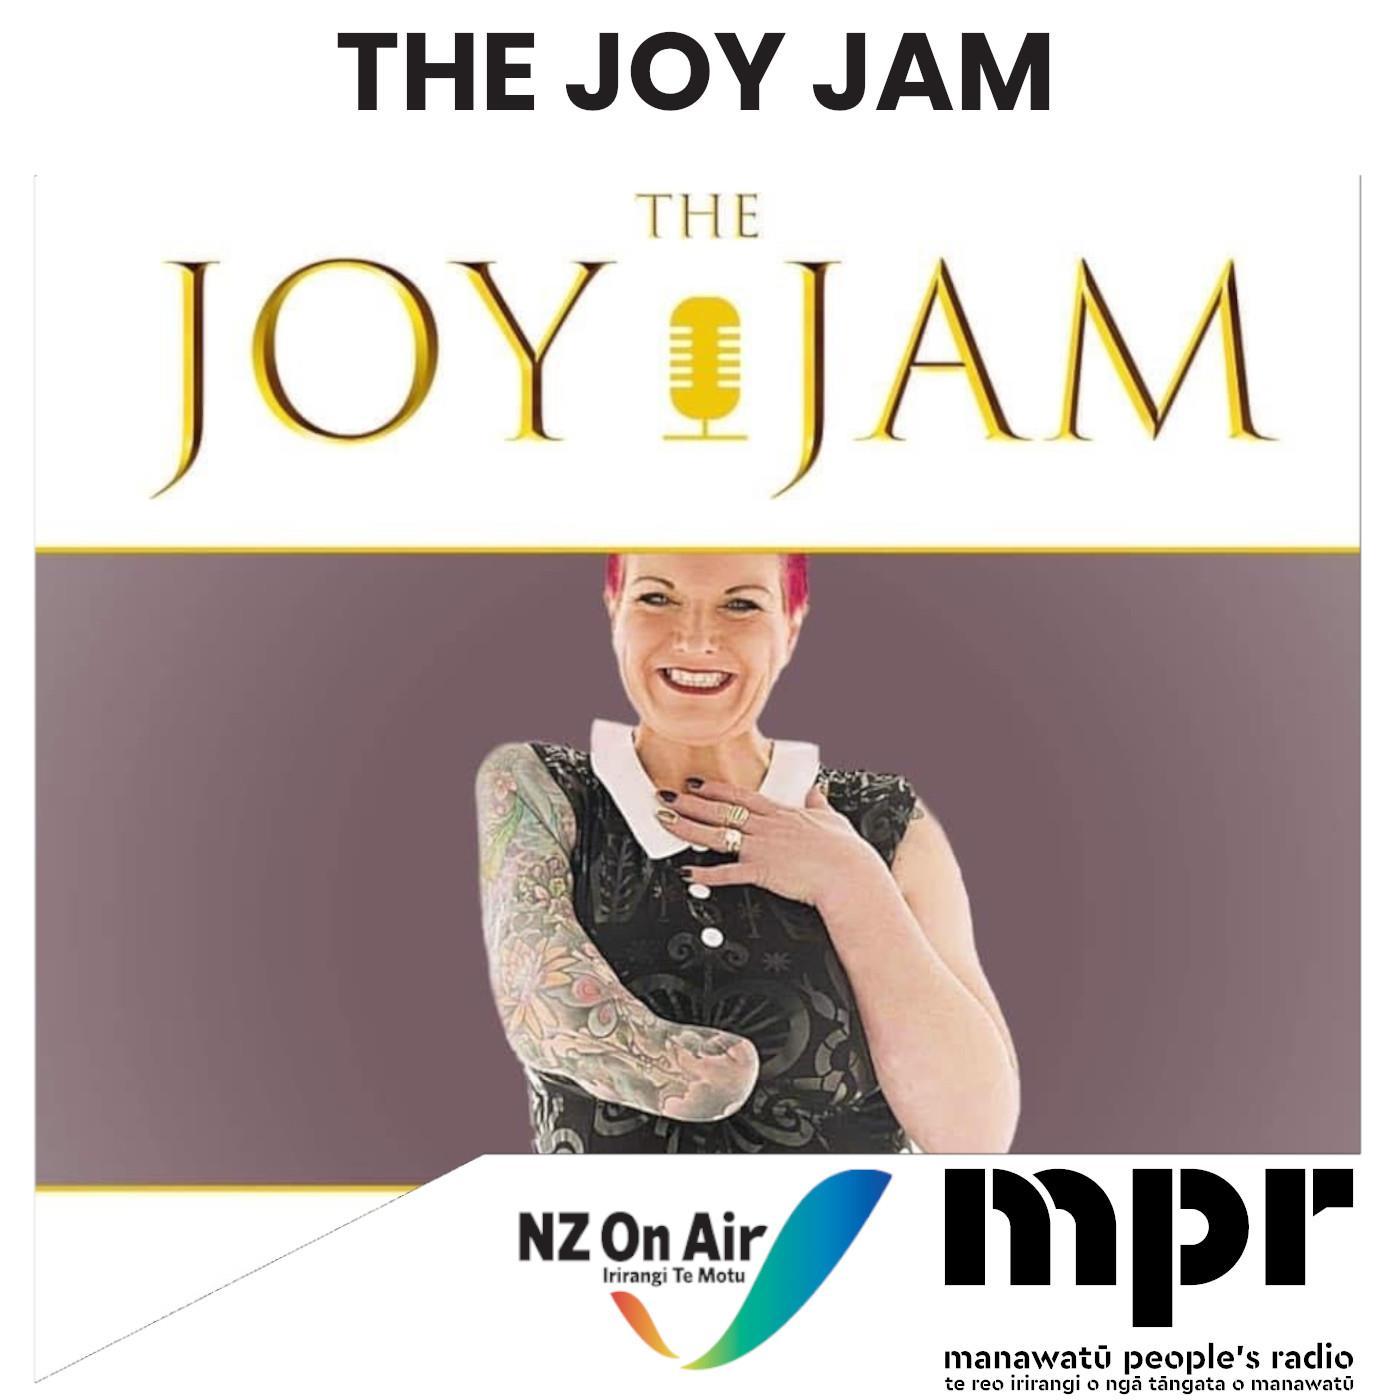 The Joy Jam